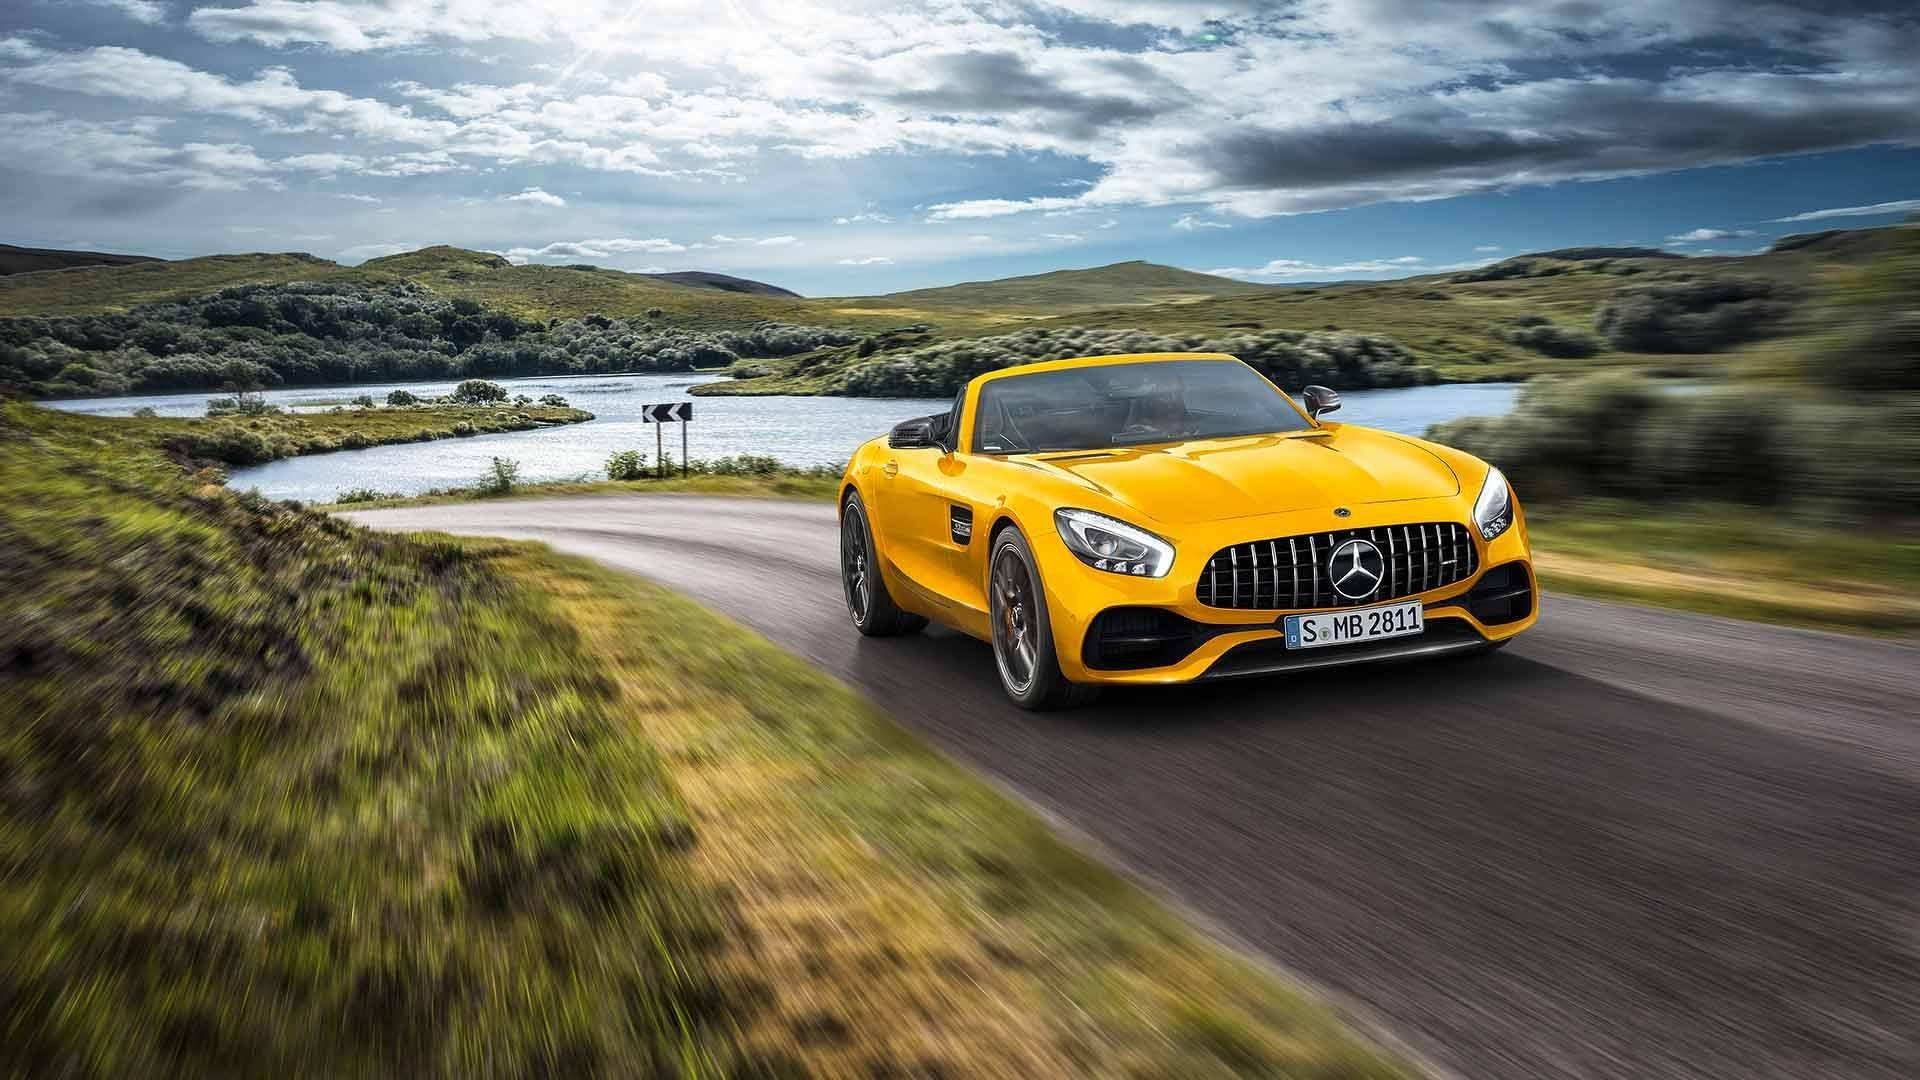 Дрэг-гонка: шестиколесный вседорожный автомобиль исуперкар Mercedes-AMG